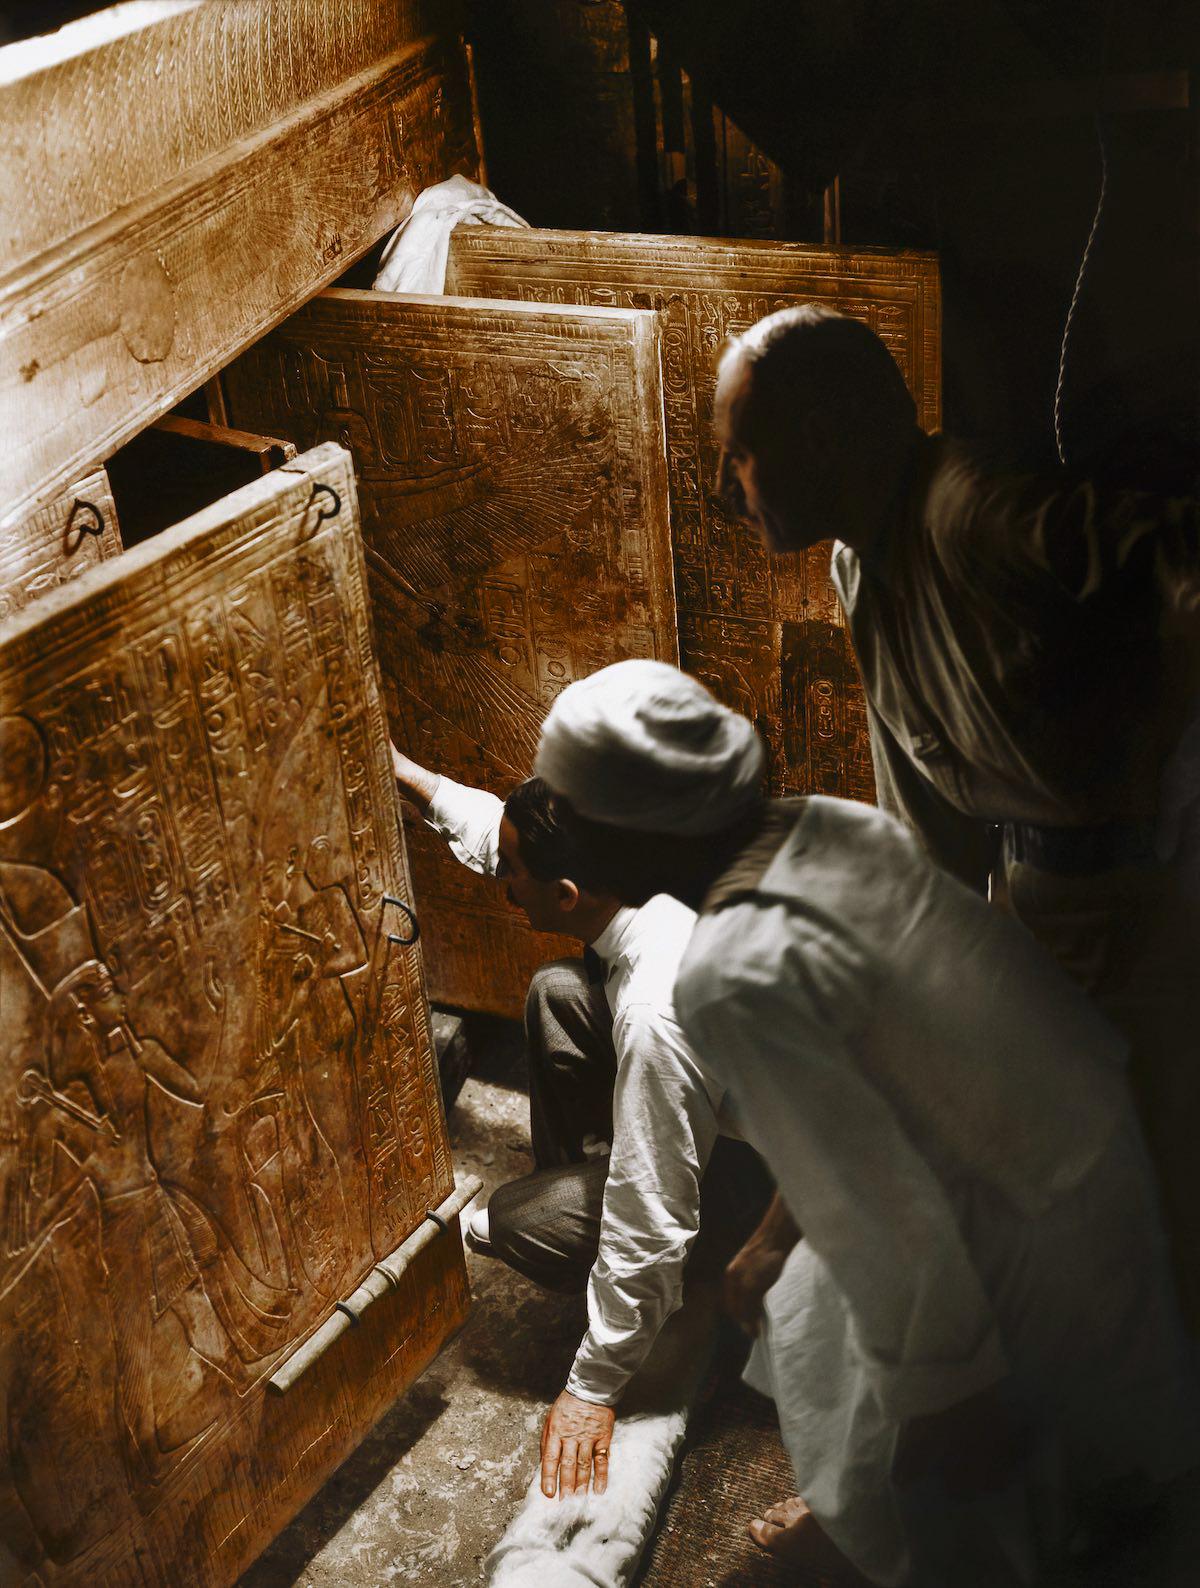 Говард Картер, Артур Каллендер и египетский рабочий открывают двери внутреннего святилища, чтобы впе